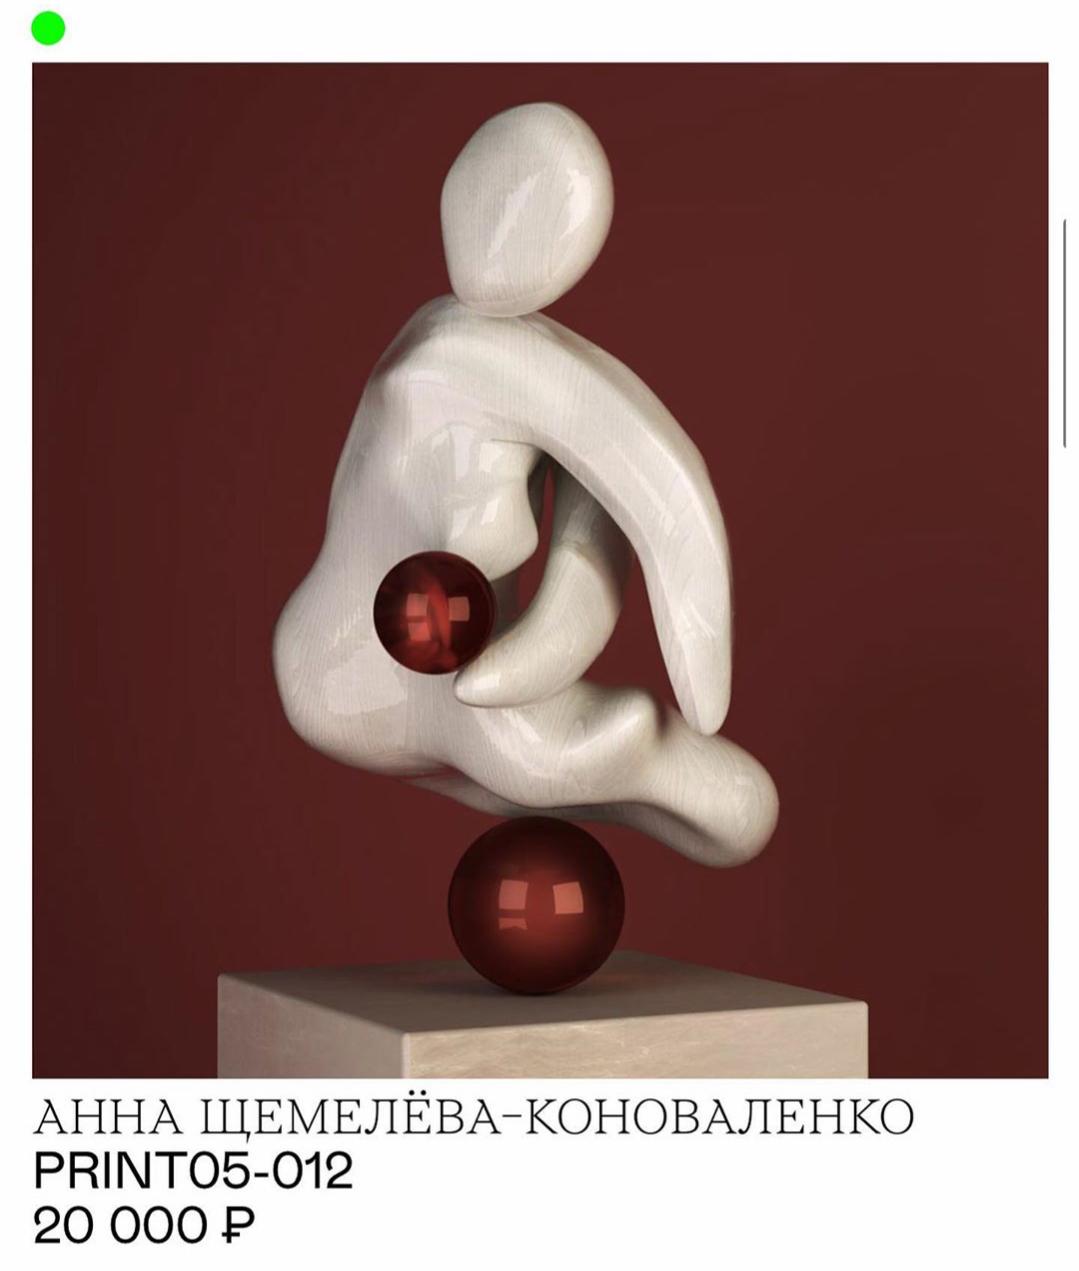 ПринтАнныЩемелевой-Коноваленко, 20 000 руб. (obdn.ru)